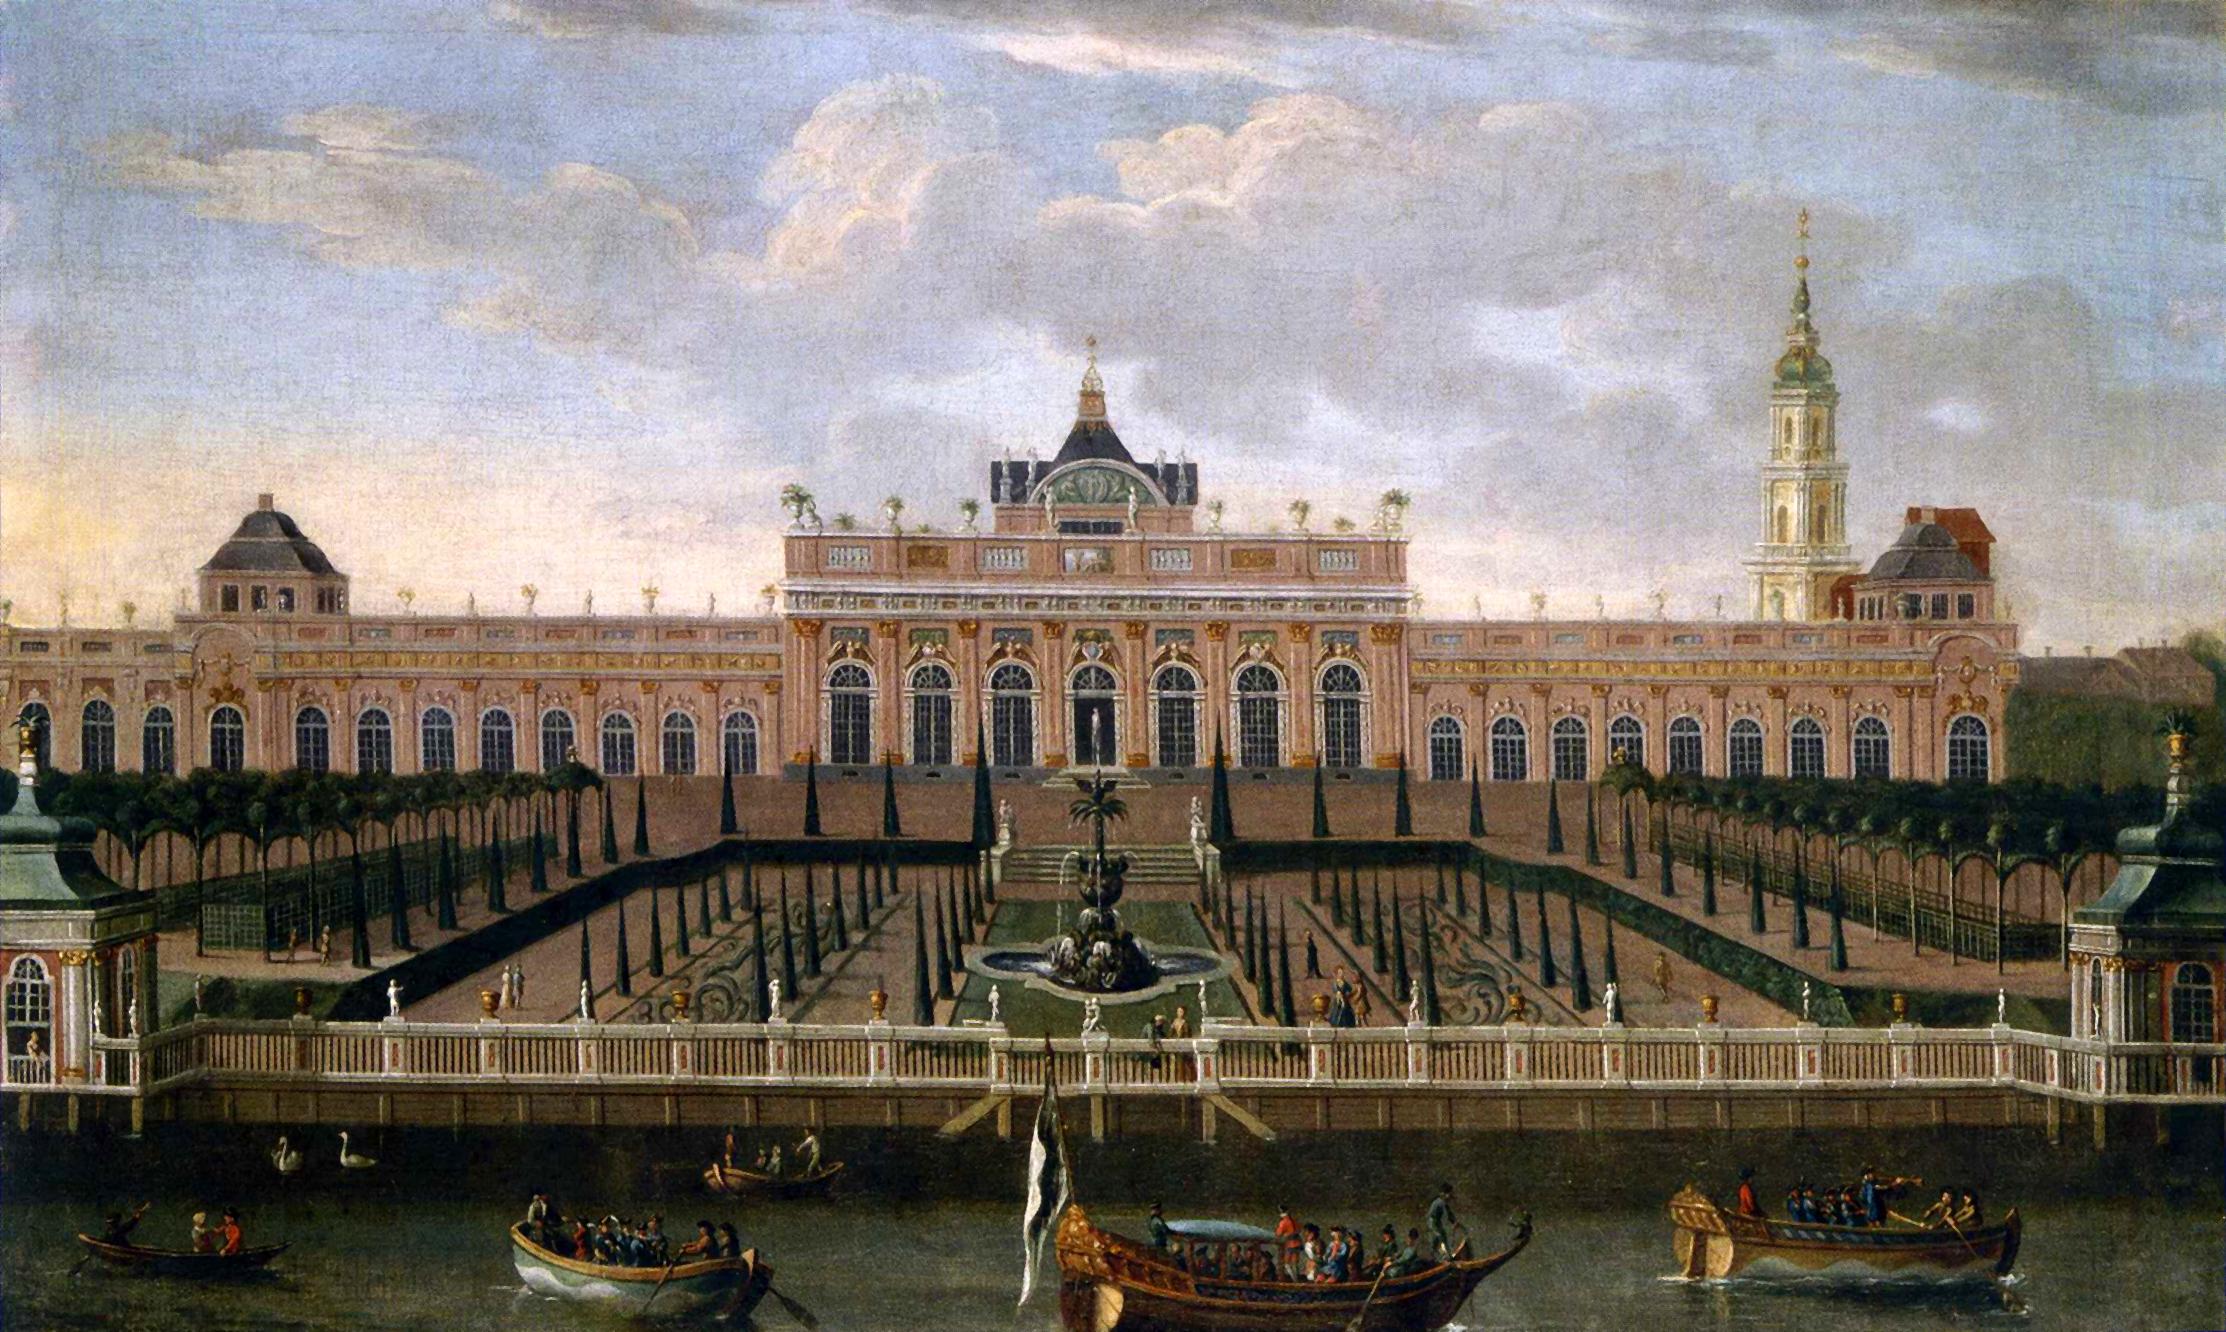 Schloss Monbijou mit der Sophienkirche im Hintergrund - Gemälde von Dismar Dägen um 1740